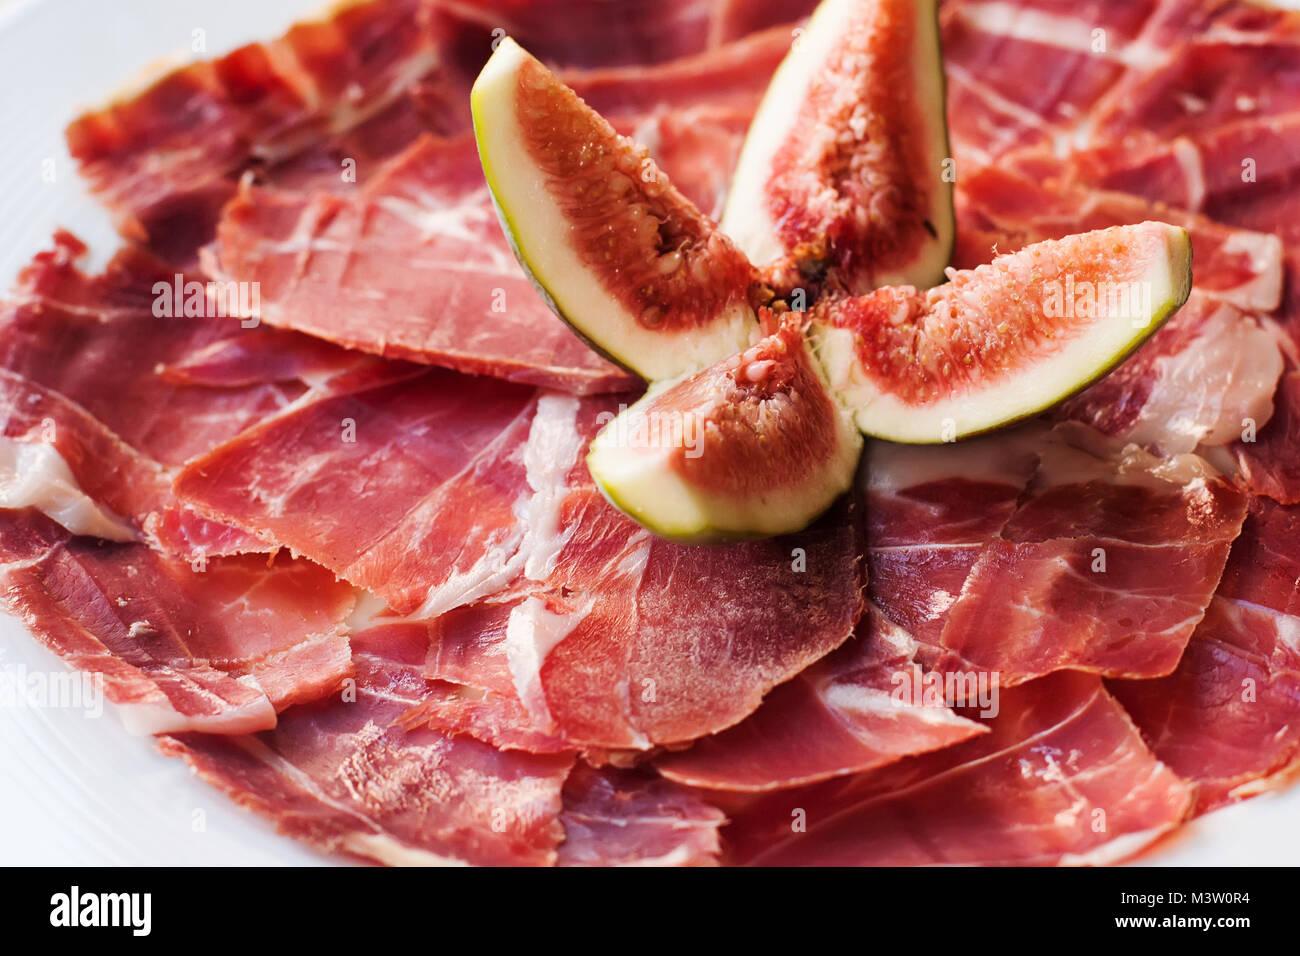 La cucina spagnola tapas Jamon alimentare con la fig. Bella appetito fette di carne di maiale cruda, piastra bianca Immagini Stock